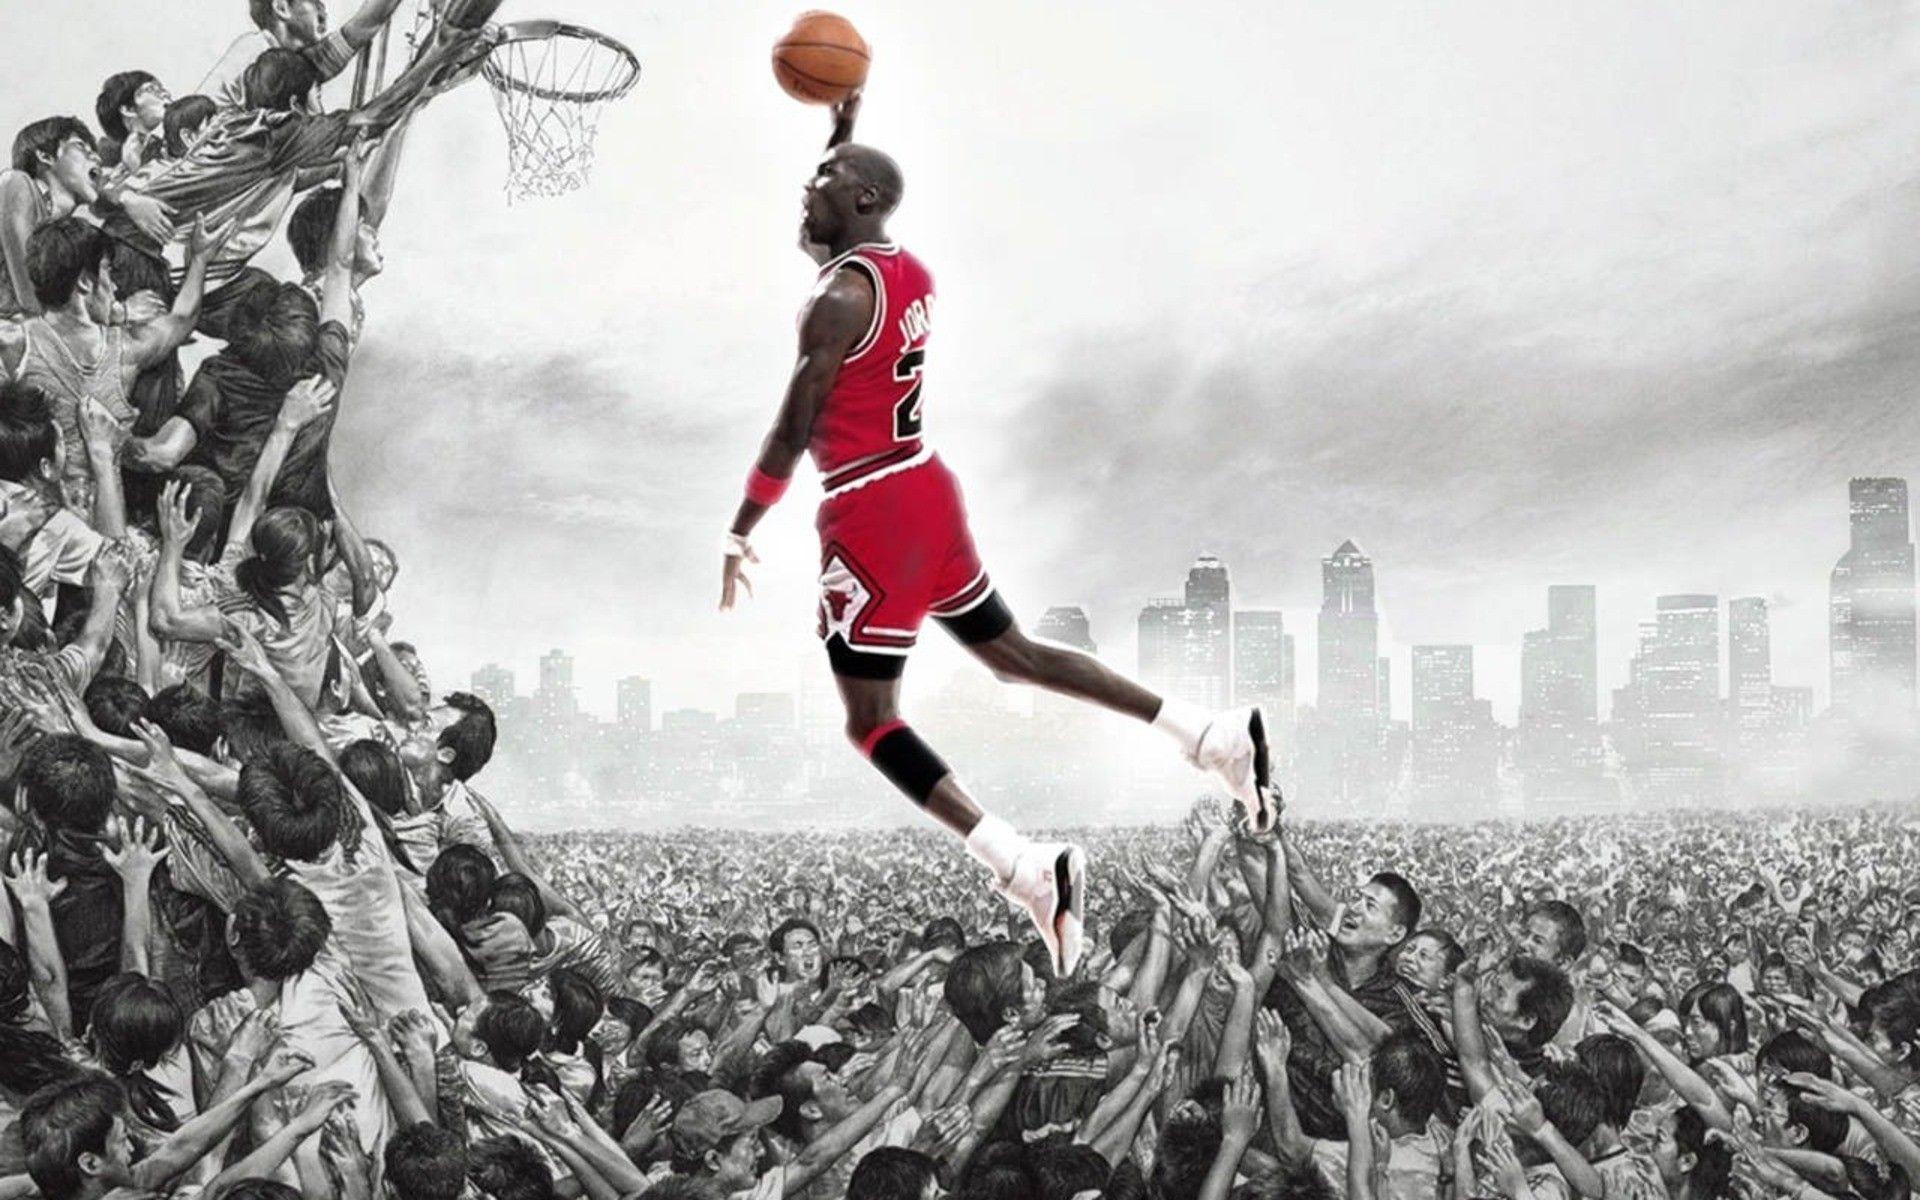 Iphone Jordan Wallpaper